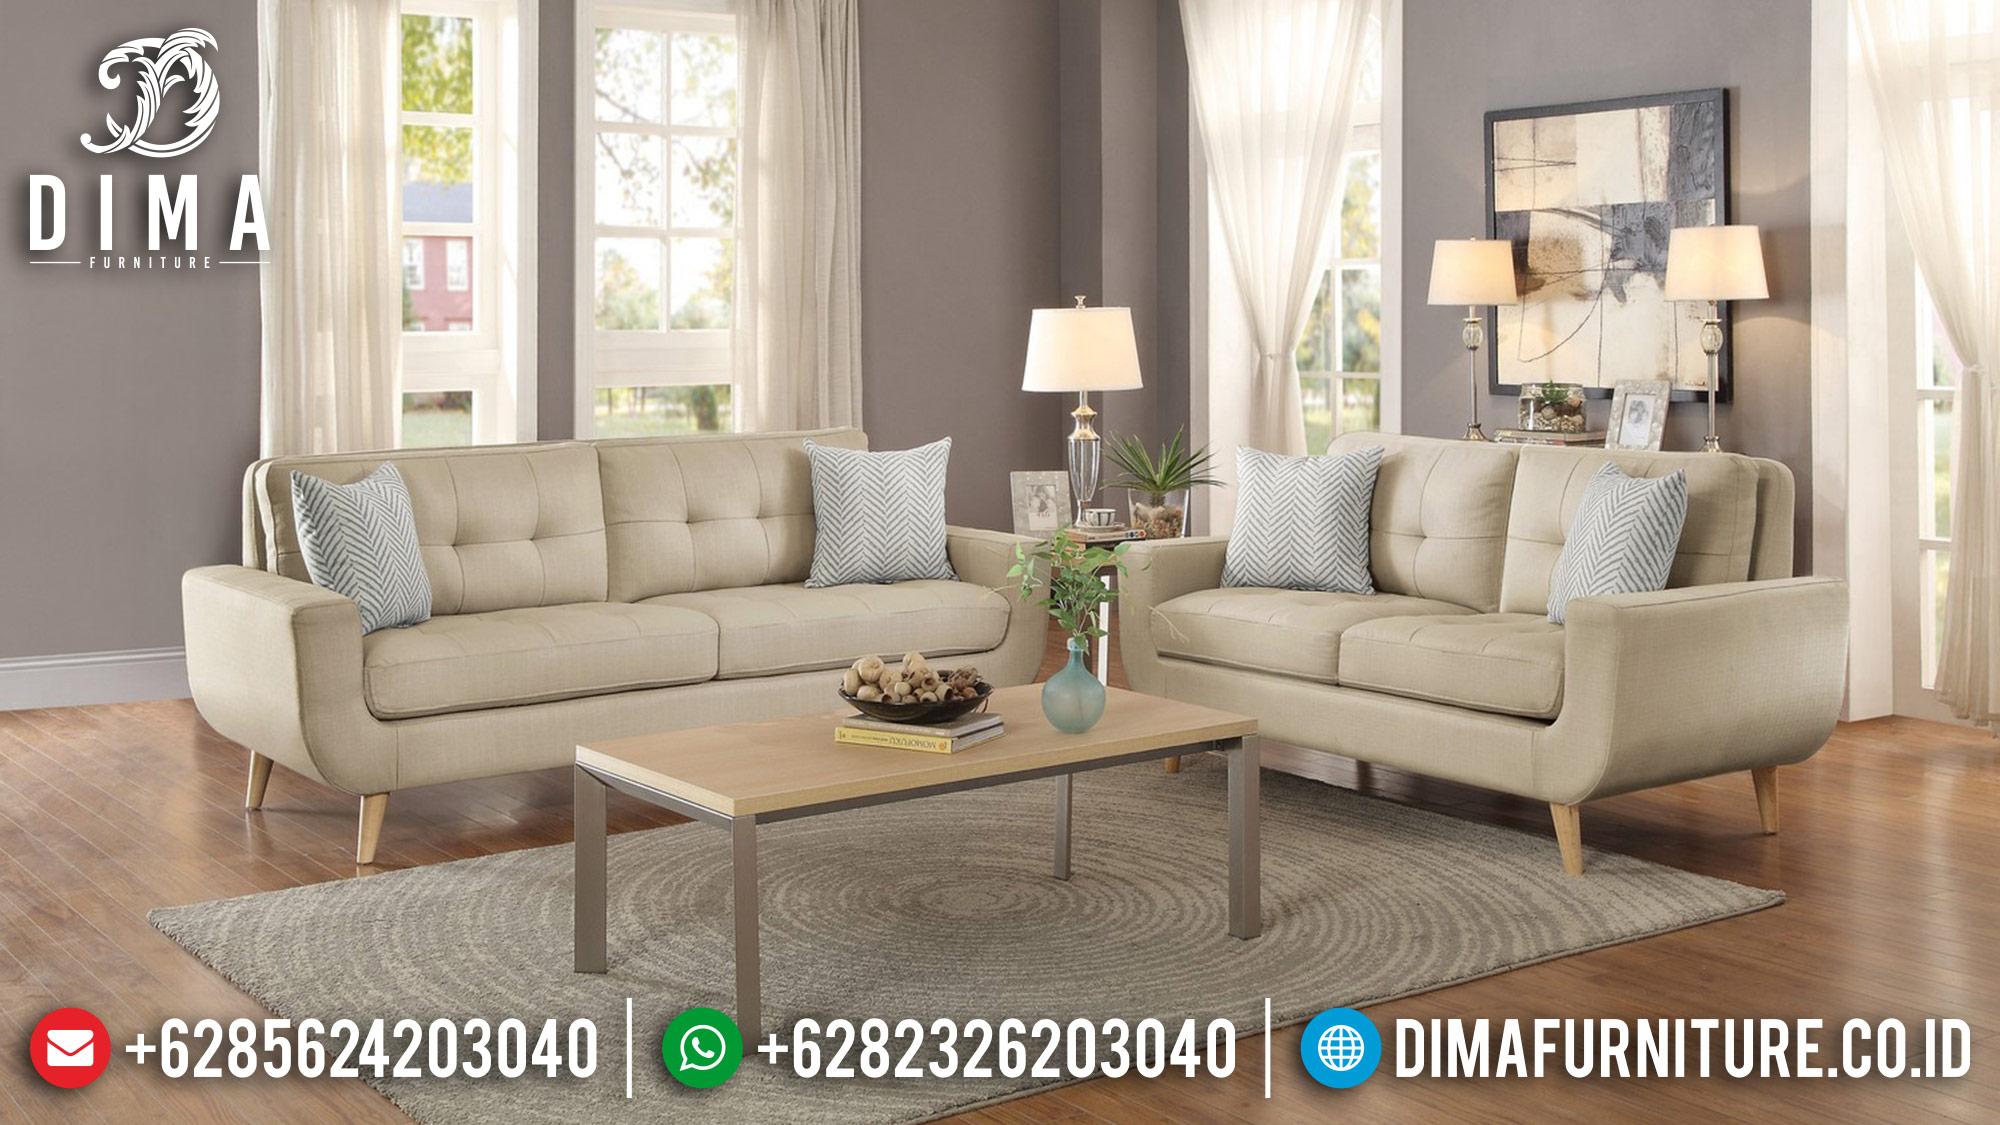 Sofa Tamu Mewah Terbaru Jepara 03 Dima Furniture Jepara